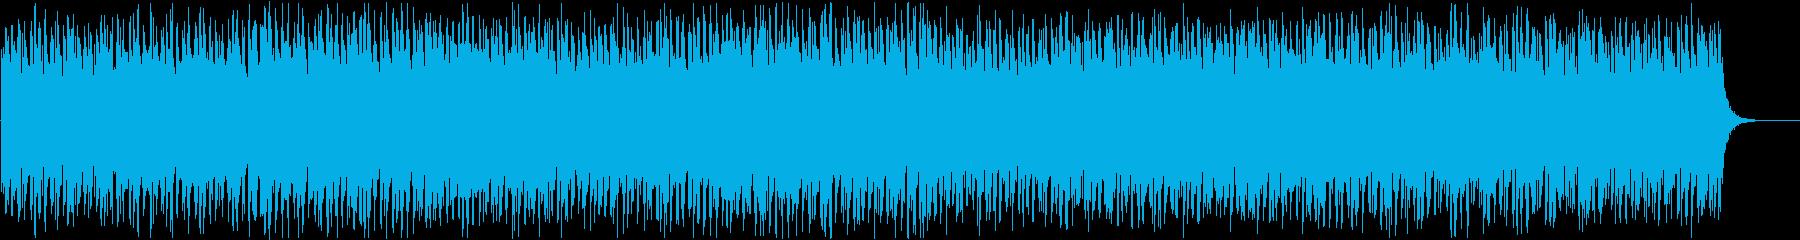 テンポの早い映画・ゲーム戦闘BGMの再生済みの波形